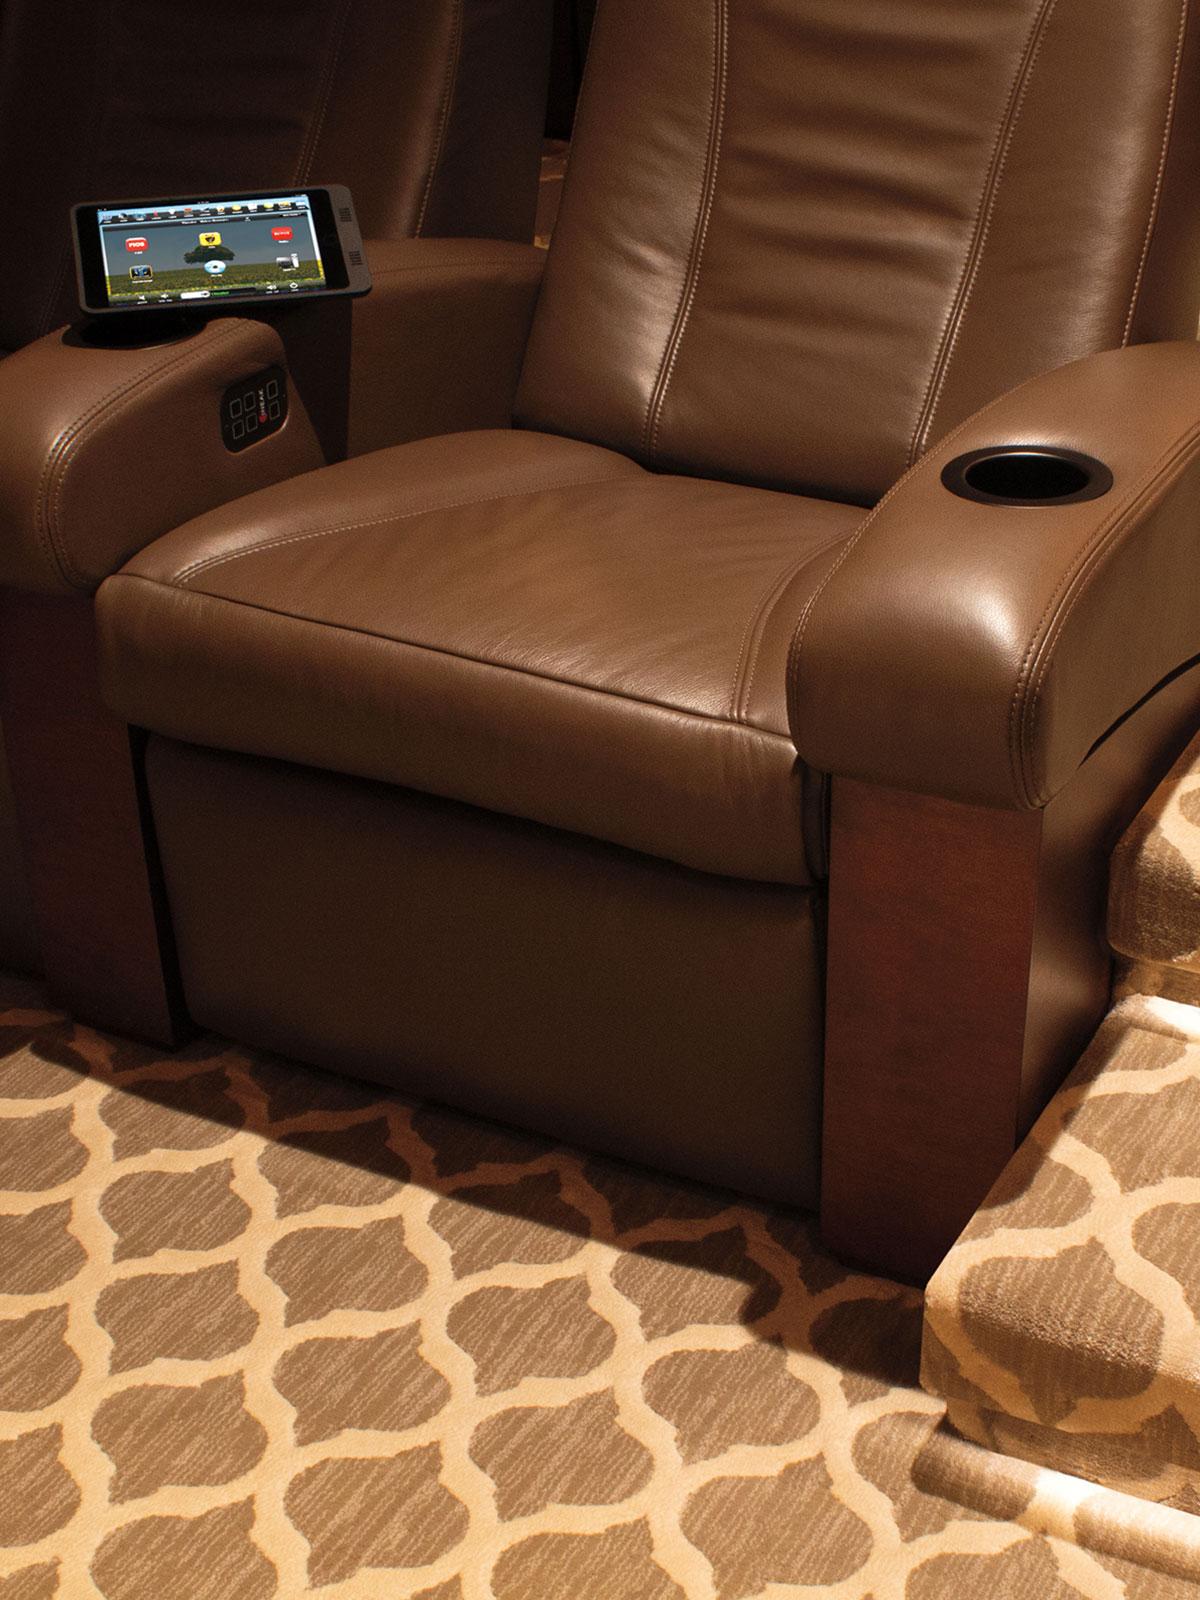 theater, seating, cineak, iPad, video screen